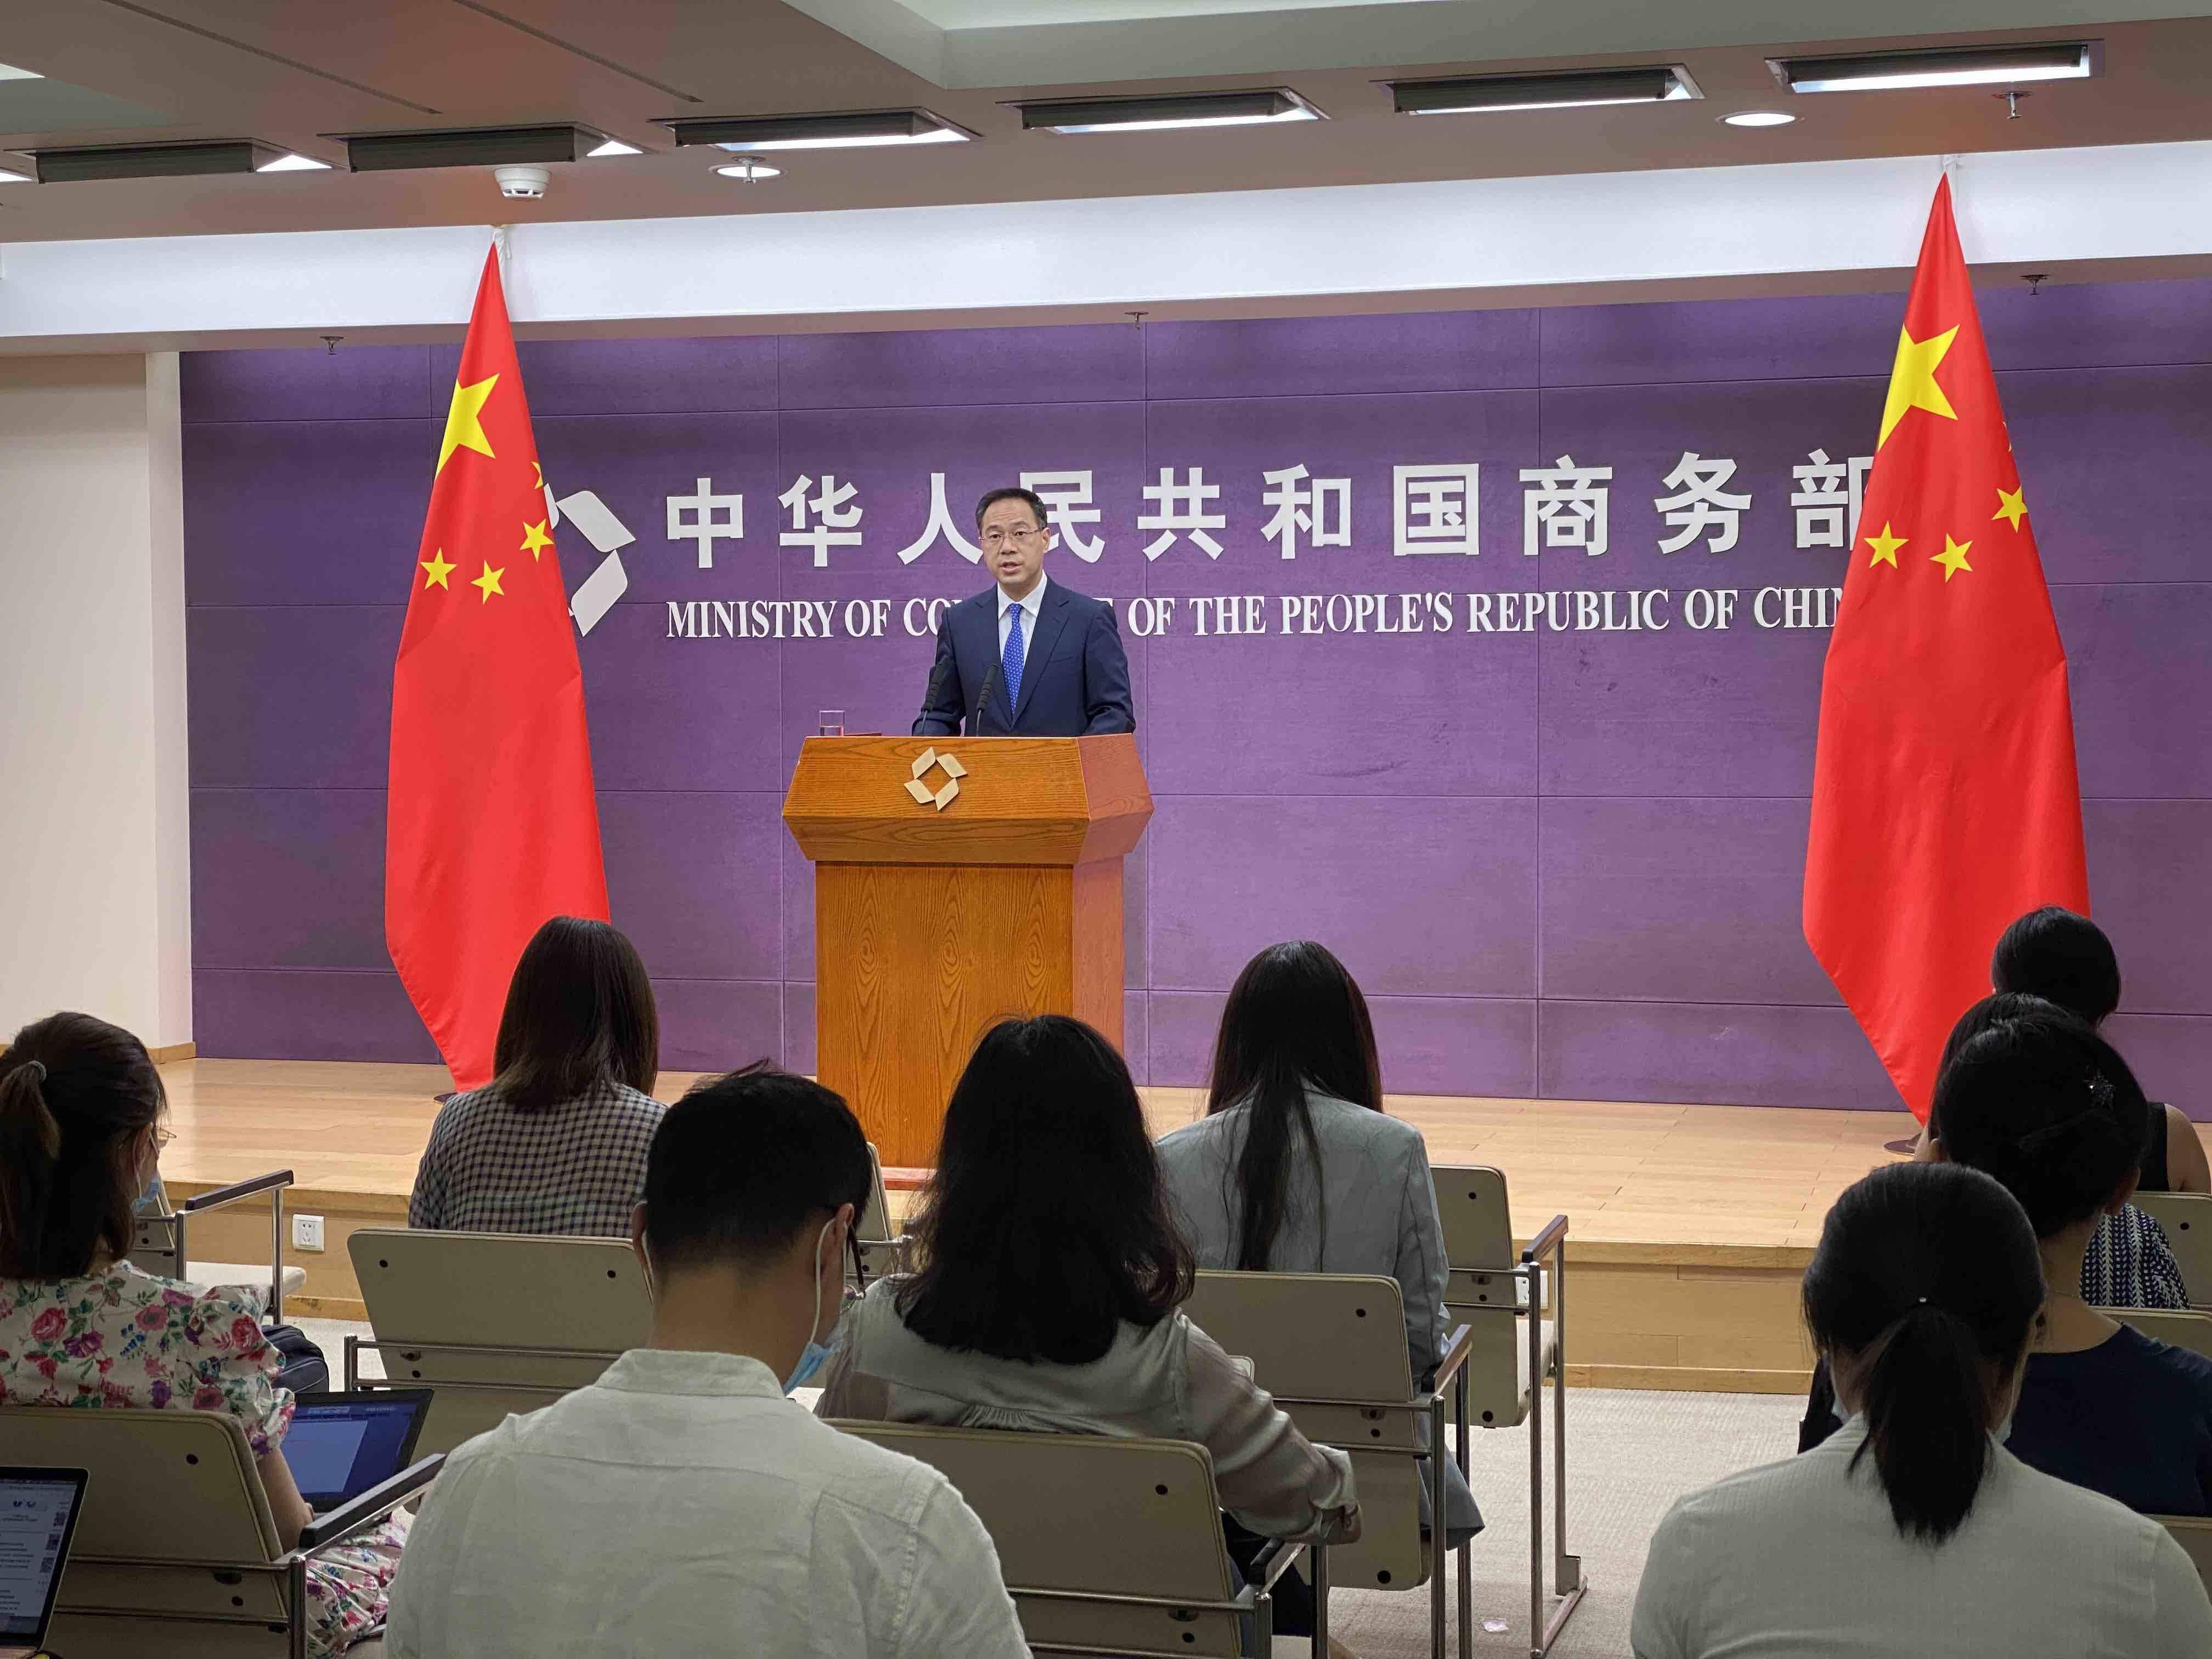 中国在世贸组织起诉澳大利亚相关反倾销和反补贴措施 商务部回应